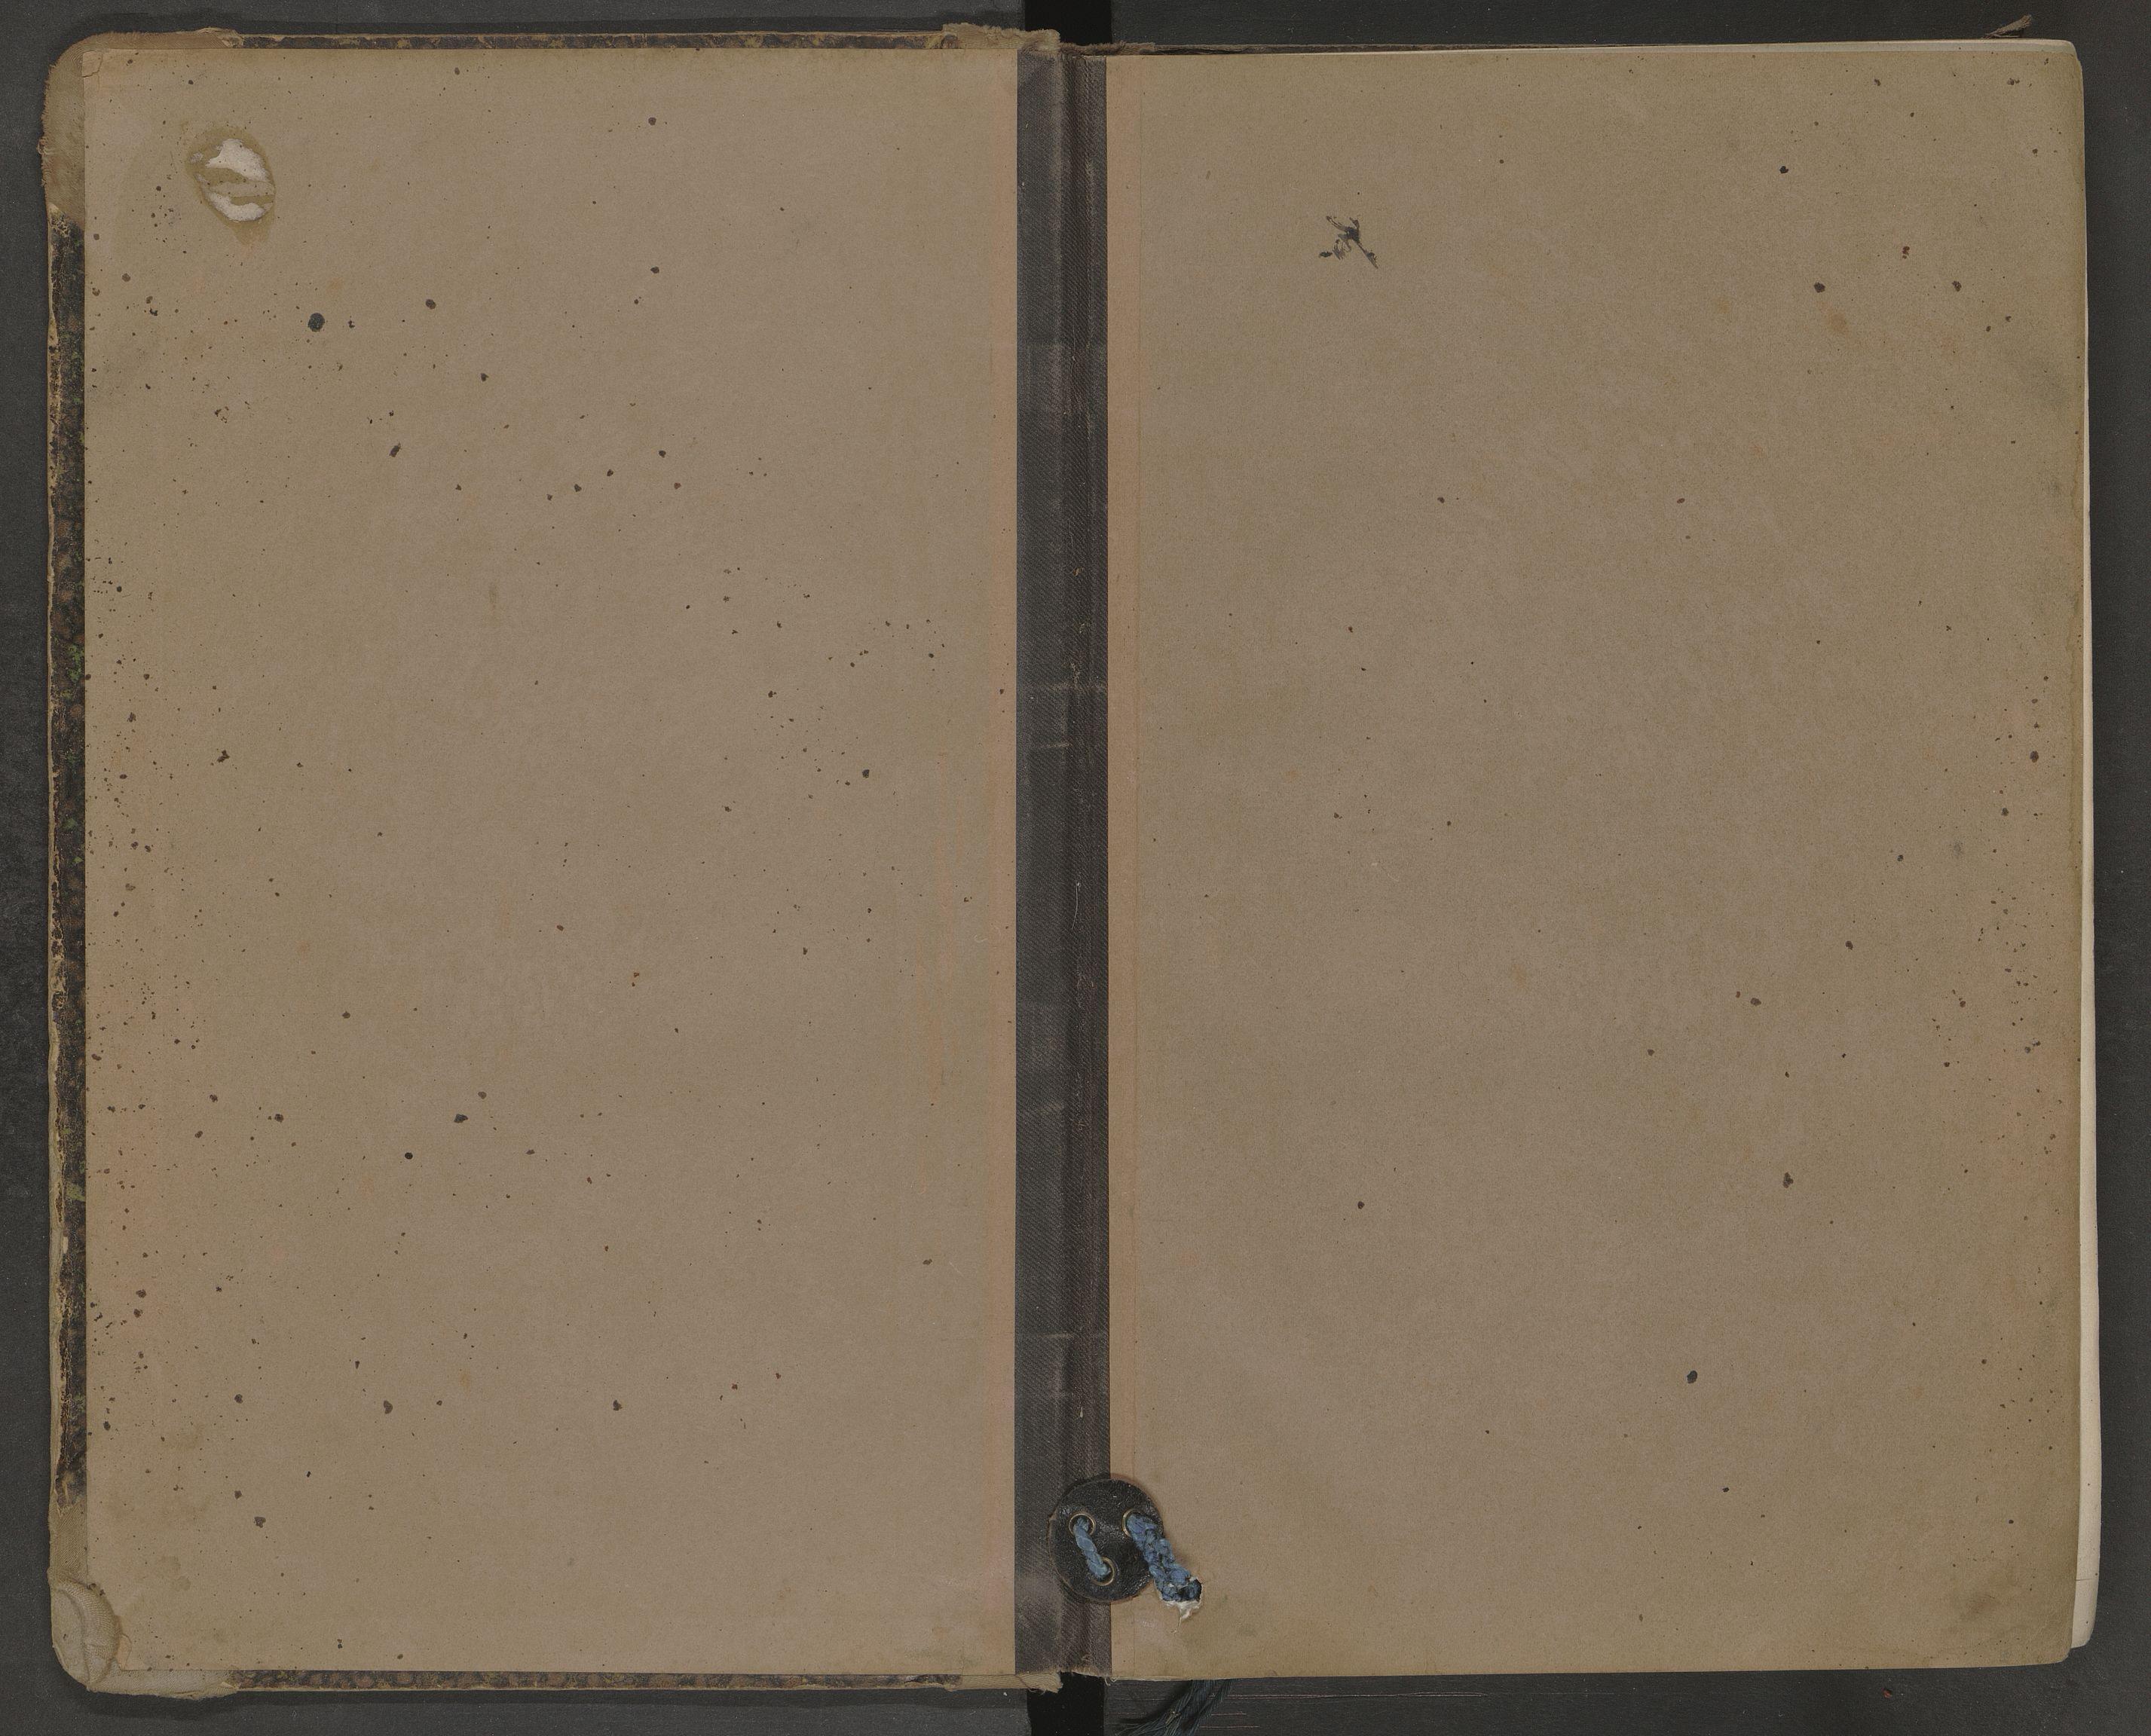 SAT, Sortland lensmannskontor, Od/L0001: Branntakstforretning, 1893-1917